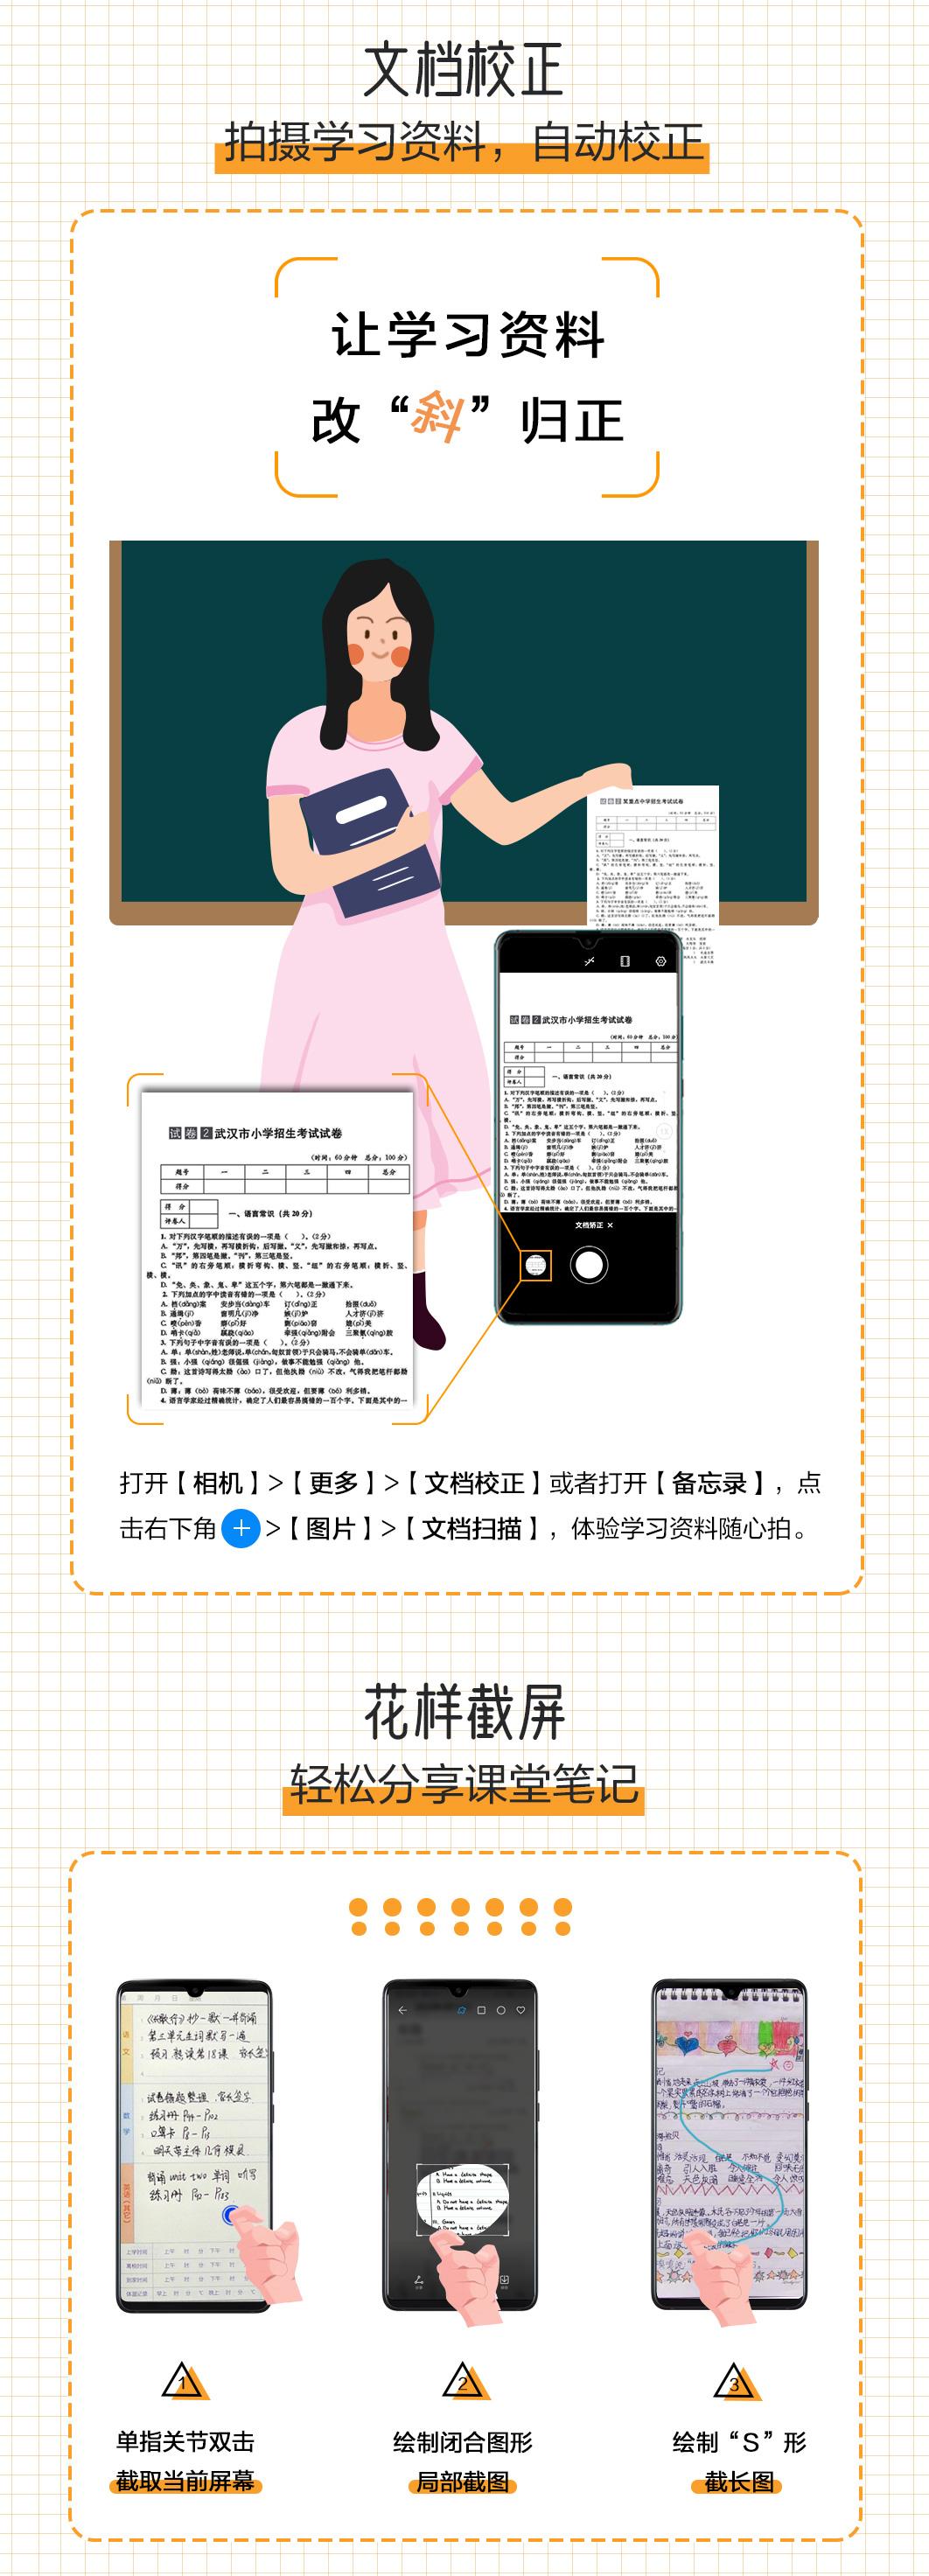 在线教育_20200407_02.jpg